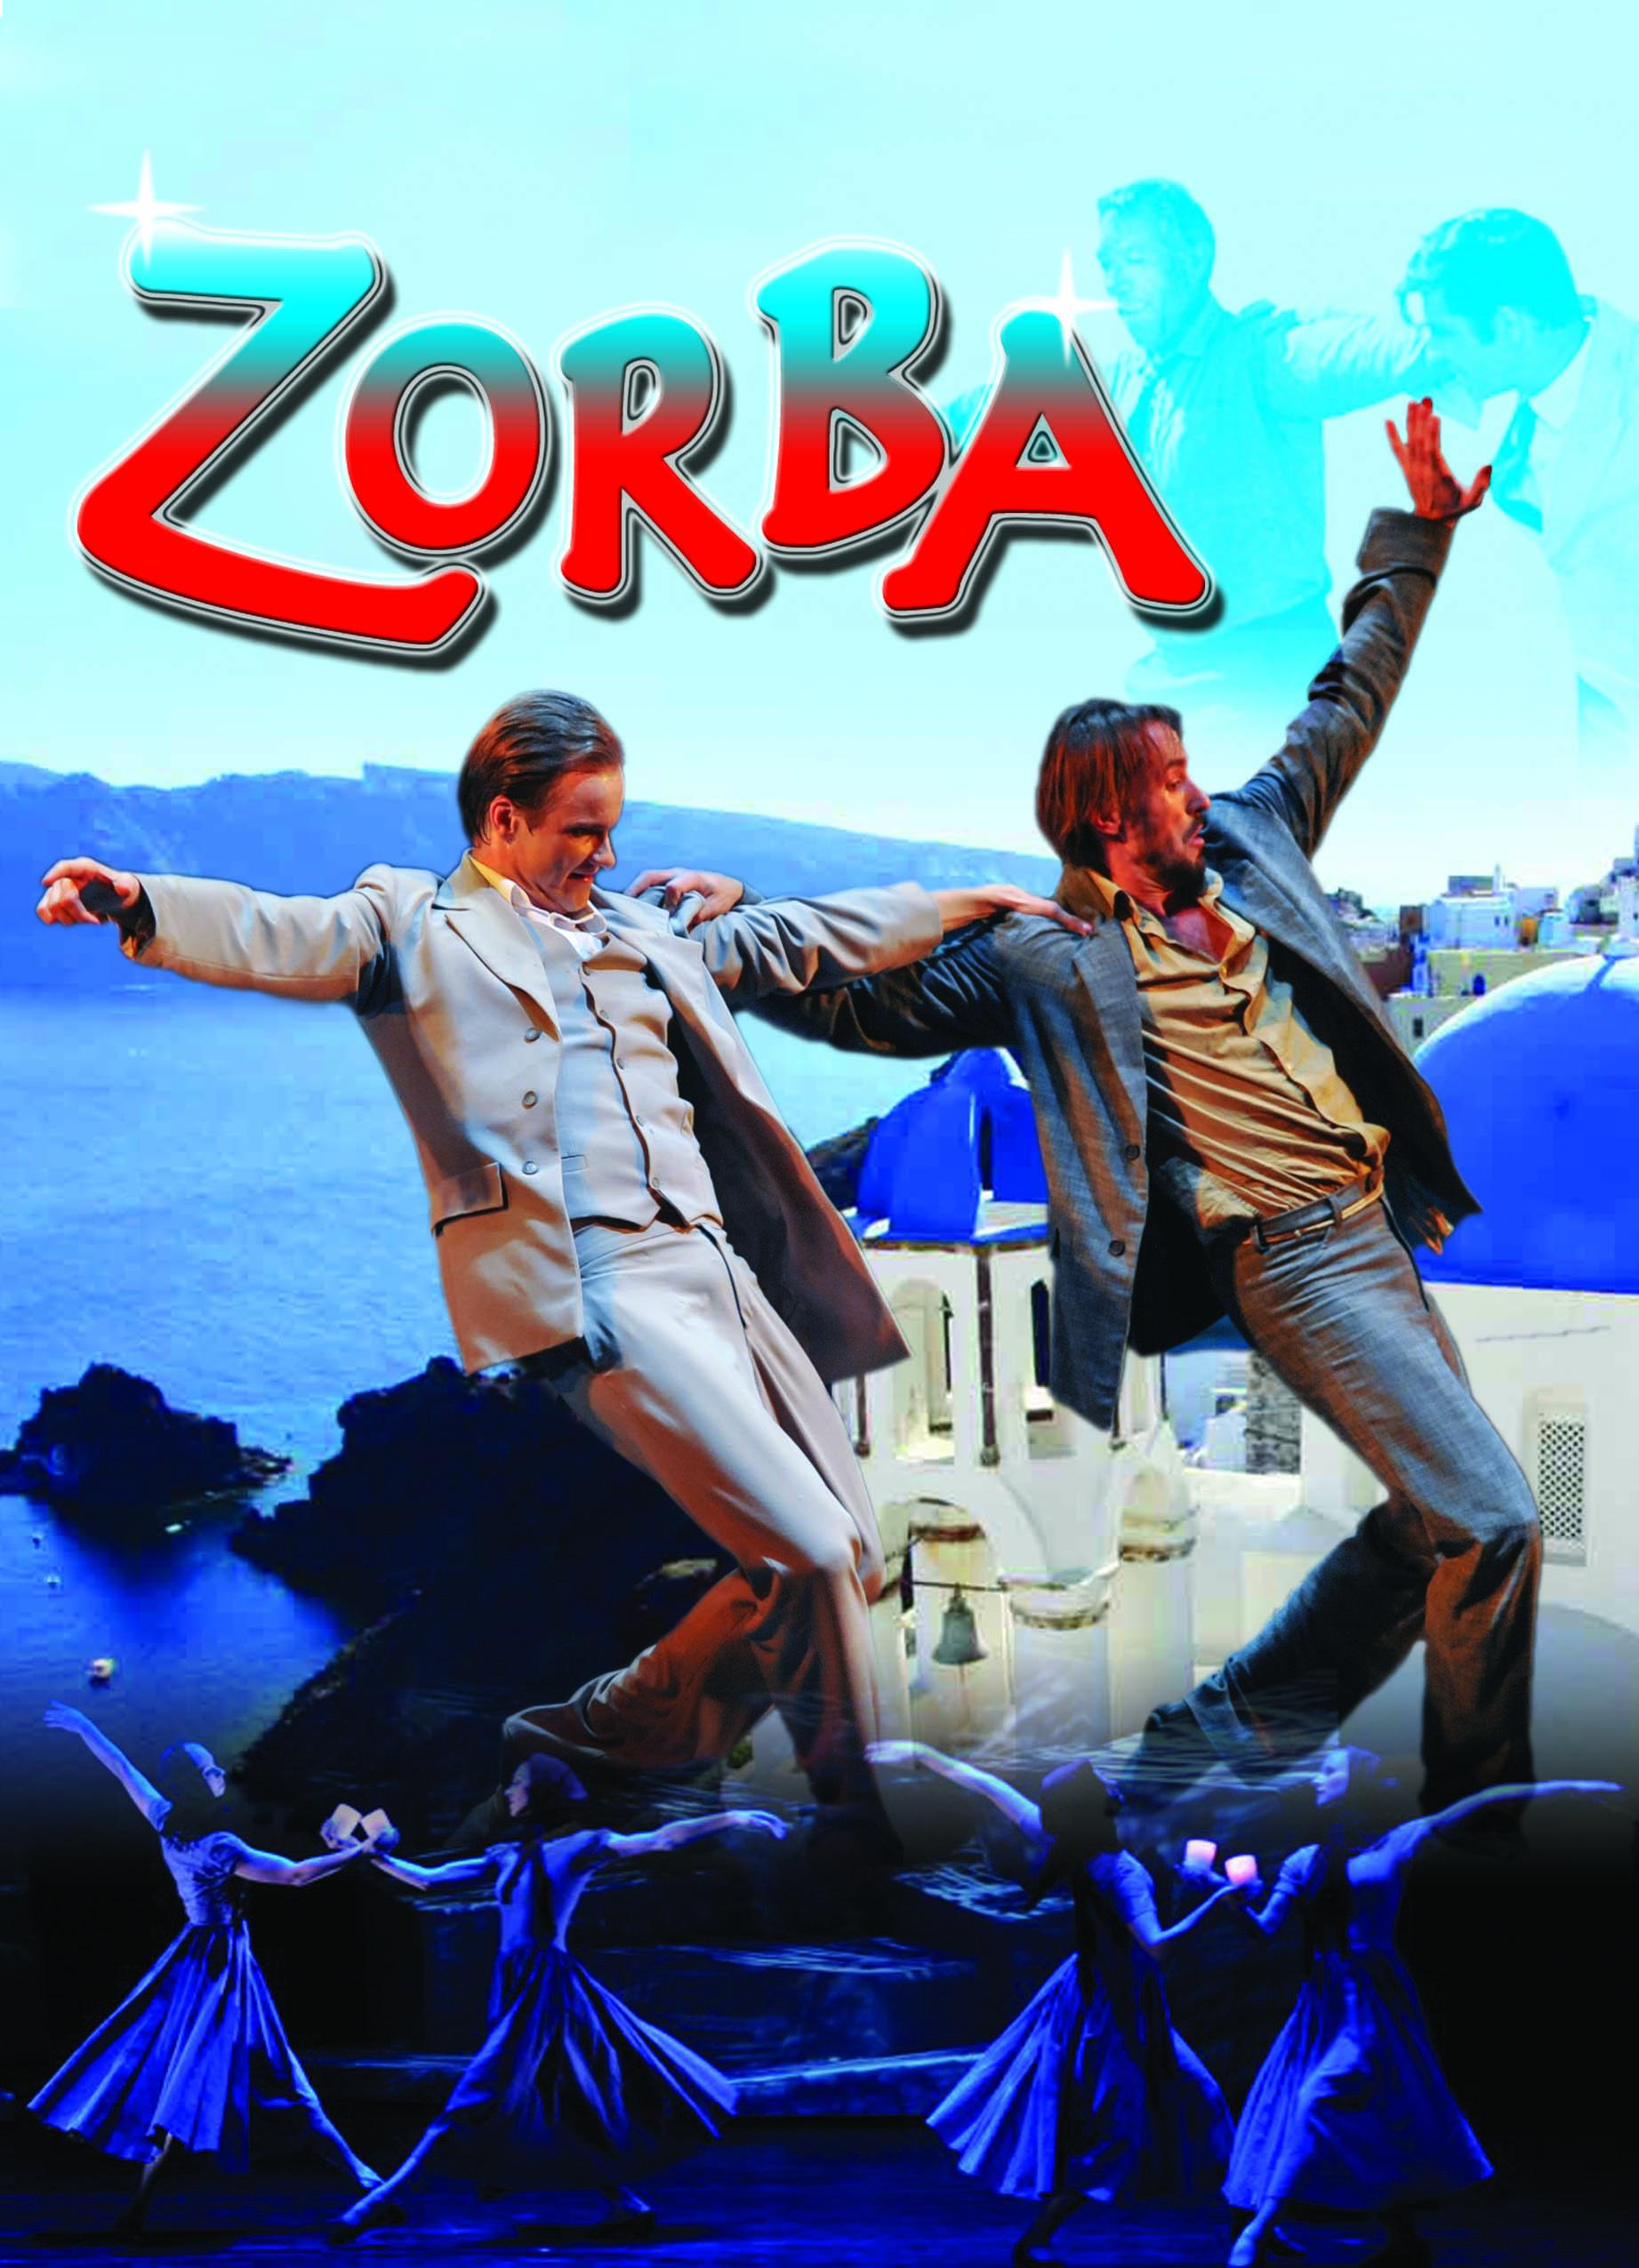 «Грек Зорба» на балетной сцене – знаменитый сиртаки, знаменитая музыка и знаменитый сюжет